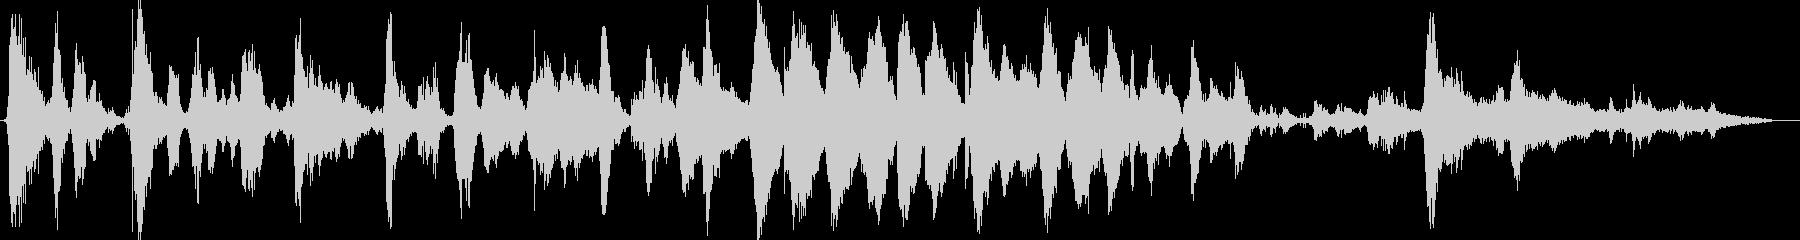 ACOの未再生の波形